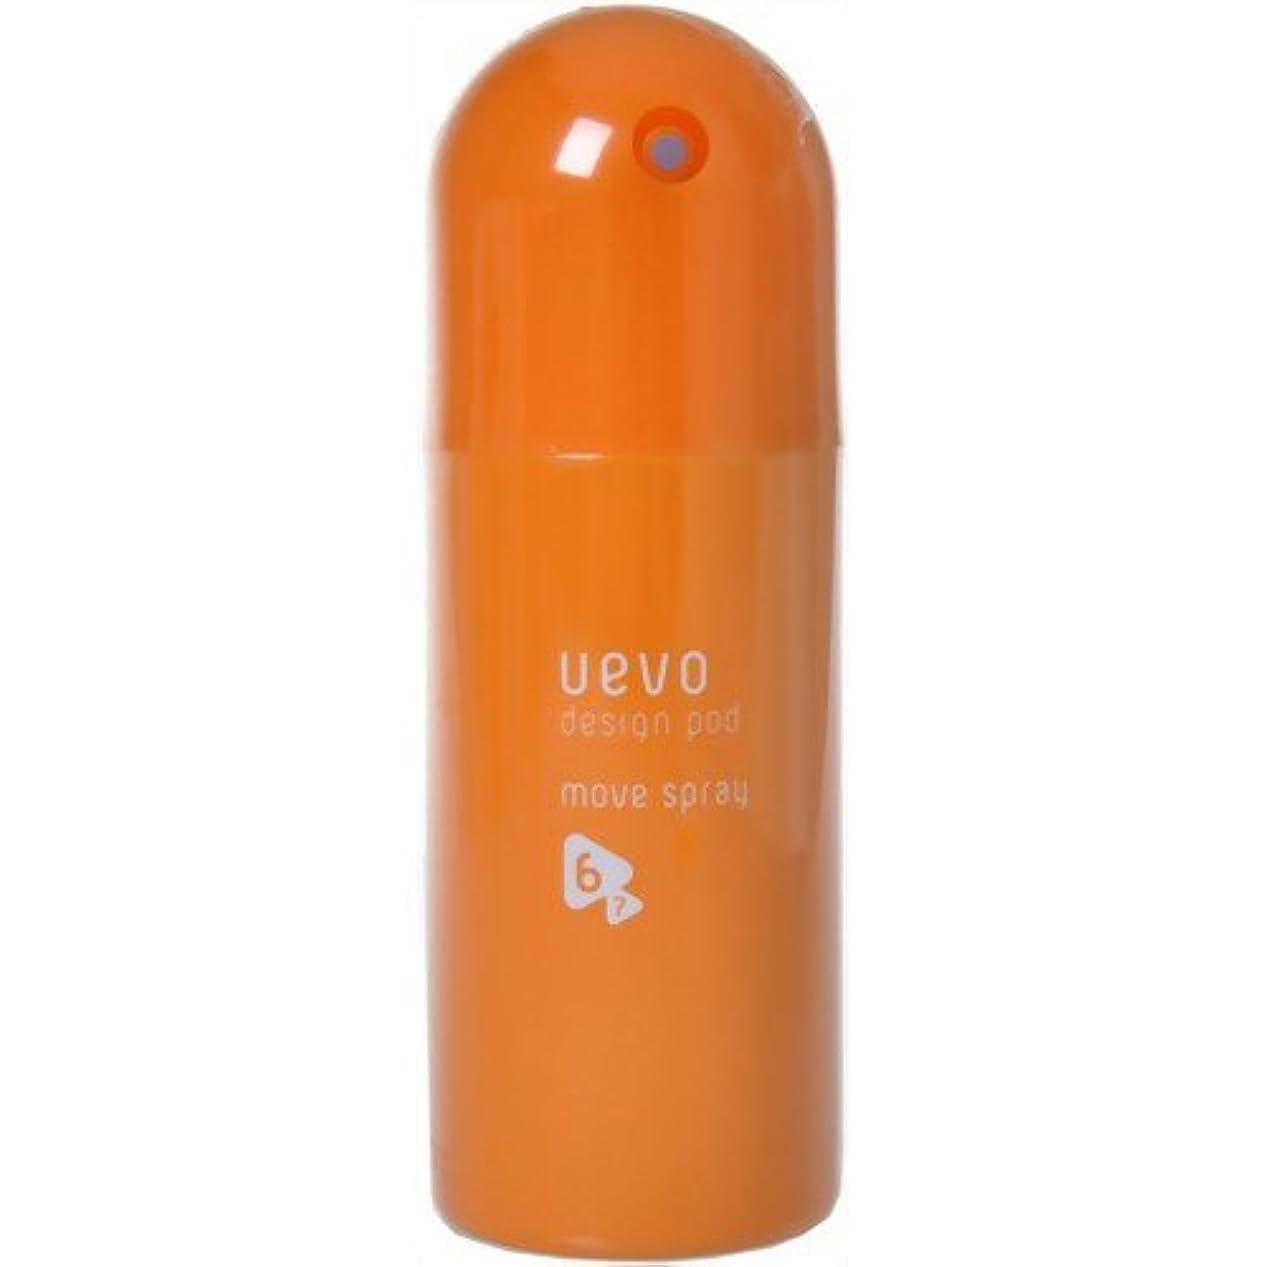 容赦ない地上でアマゾンジャングルデミ ウェーボ デザインポッド ムーブスプレー 220ml move spray DEMI uevo design pod